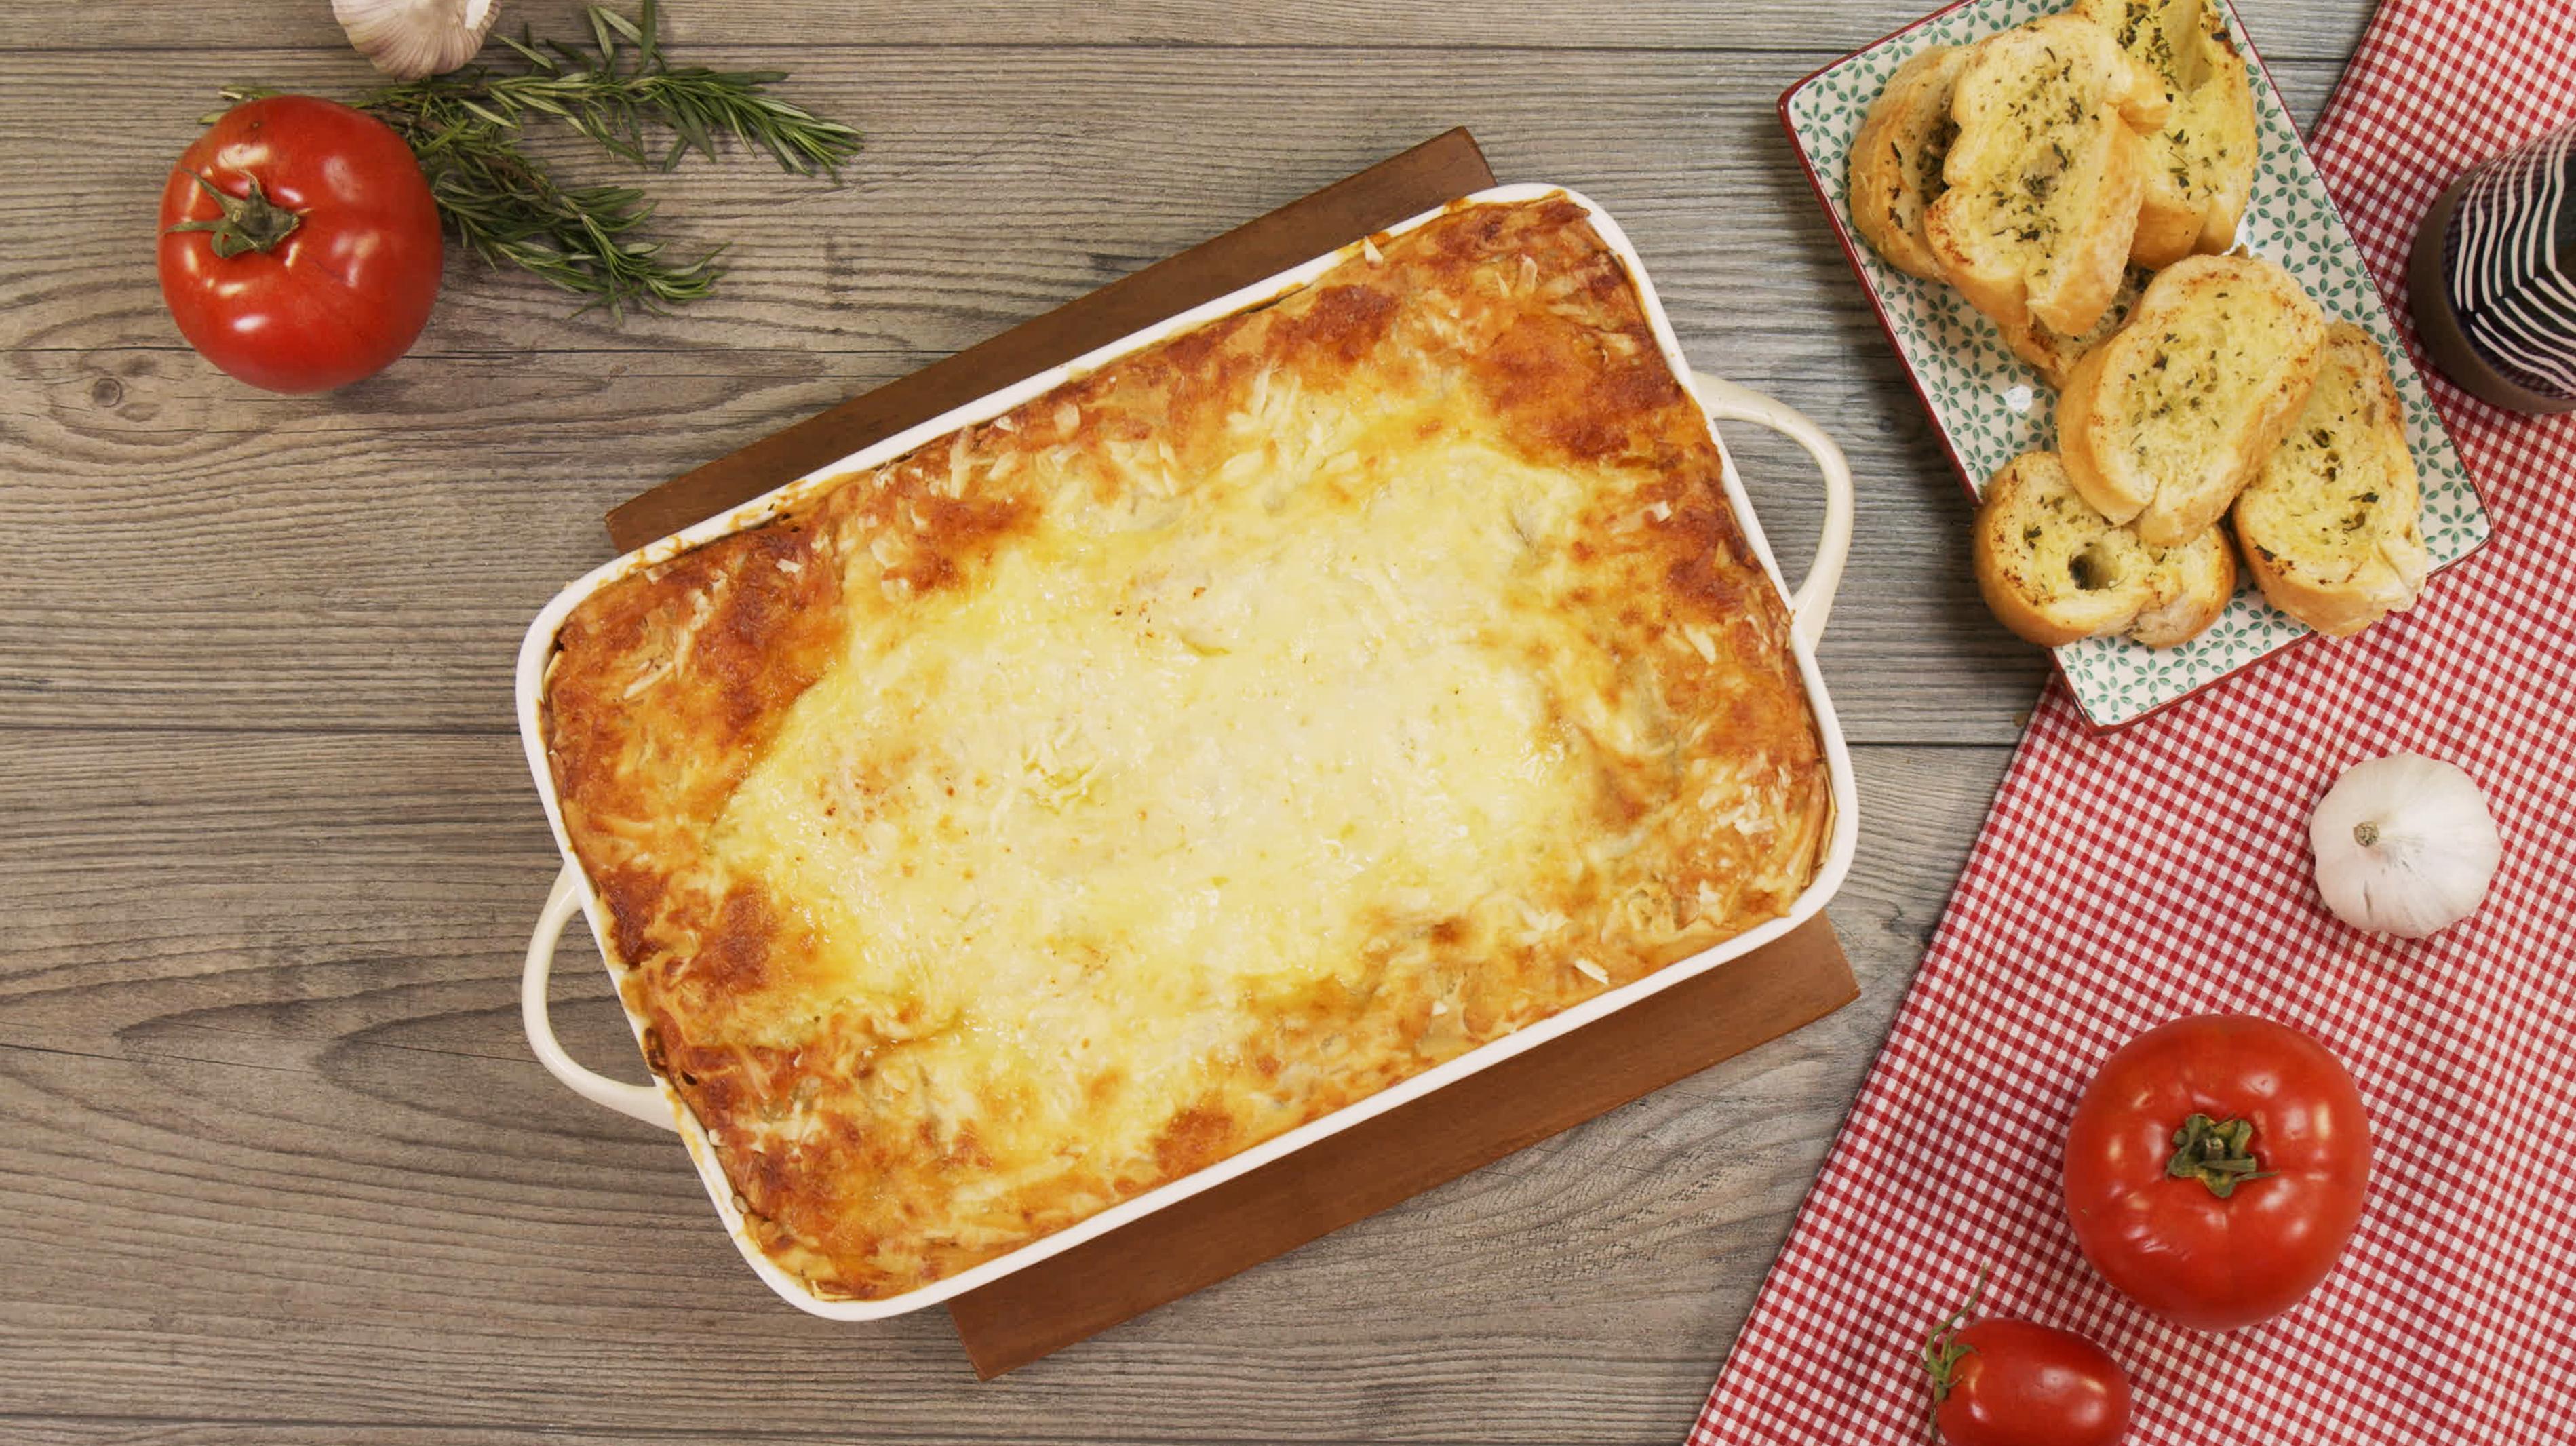 Cómo Preparar Una Lasaña De Carne Receta Casera Lasagna Recetas Peruanas La República